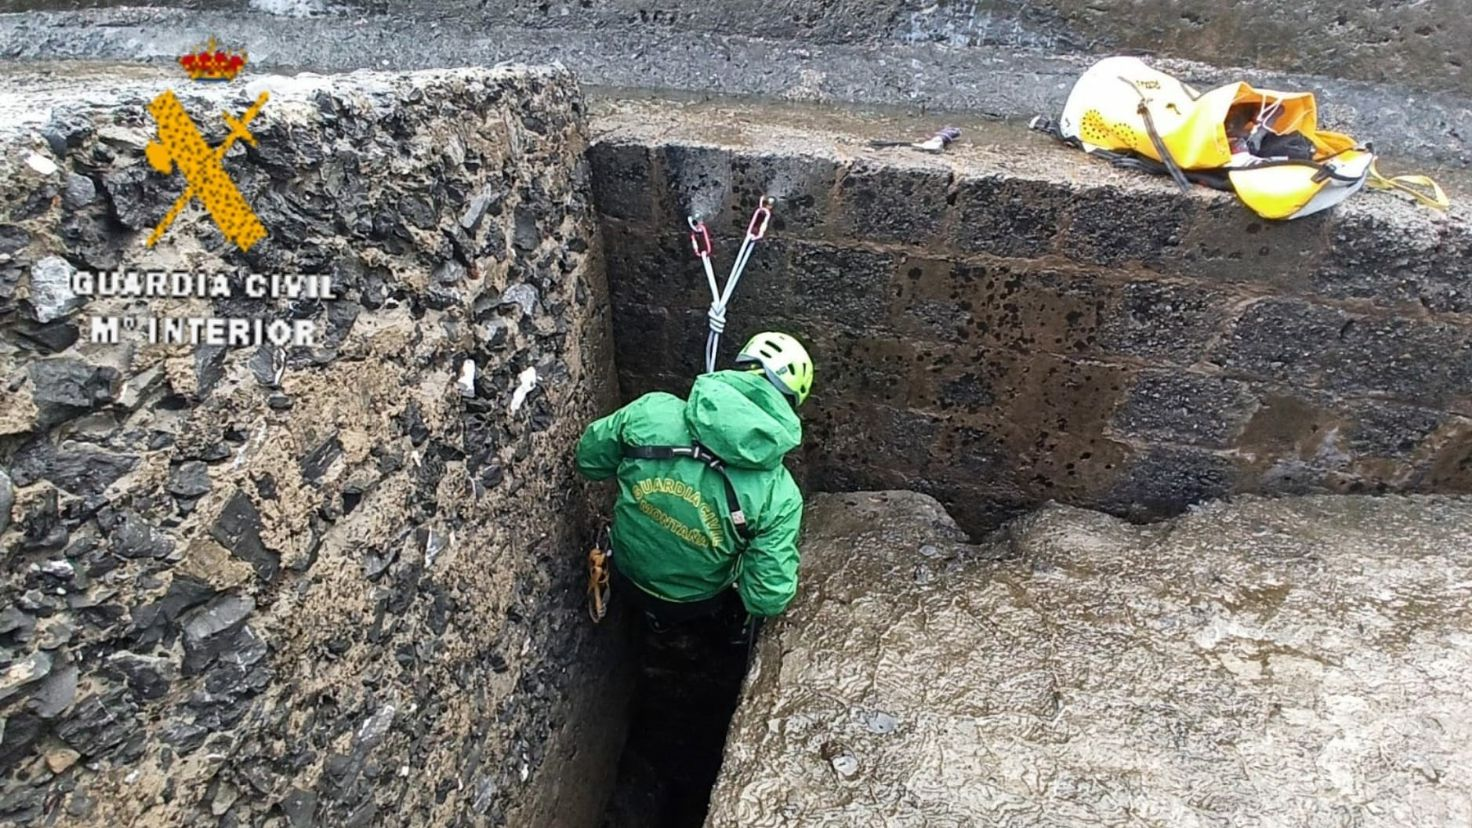 Dispositivo de búsqueda del hombre desaparecido en Muros del Nalón